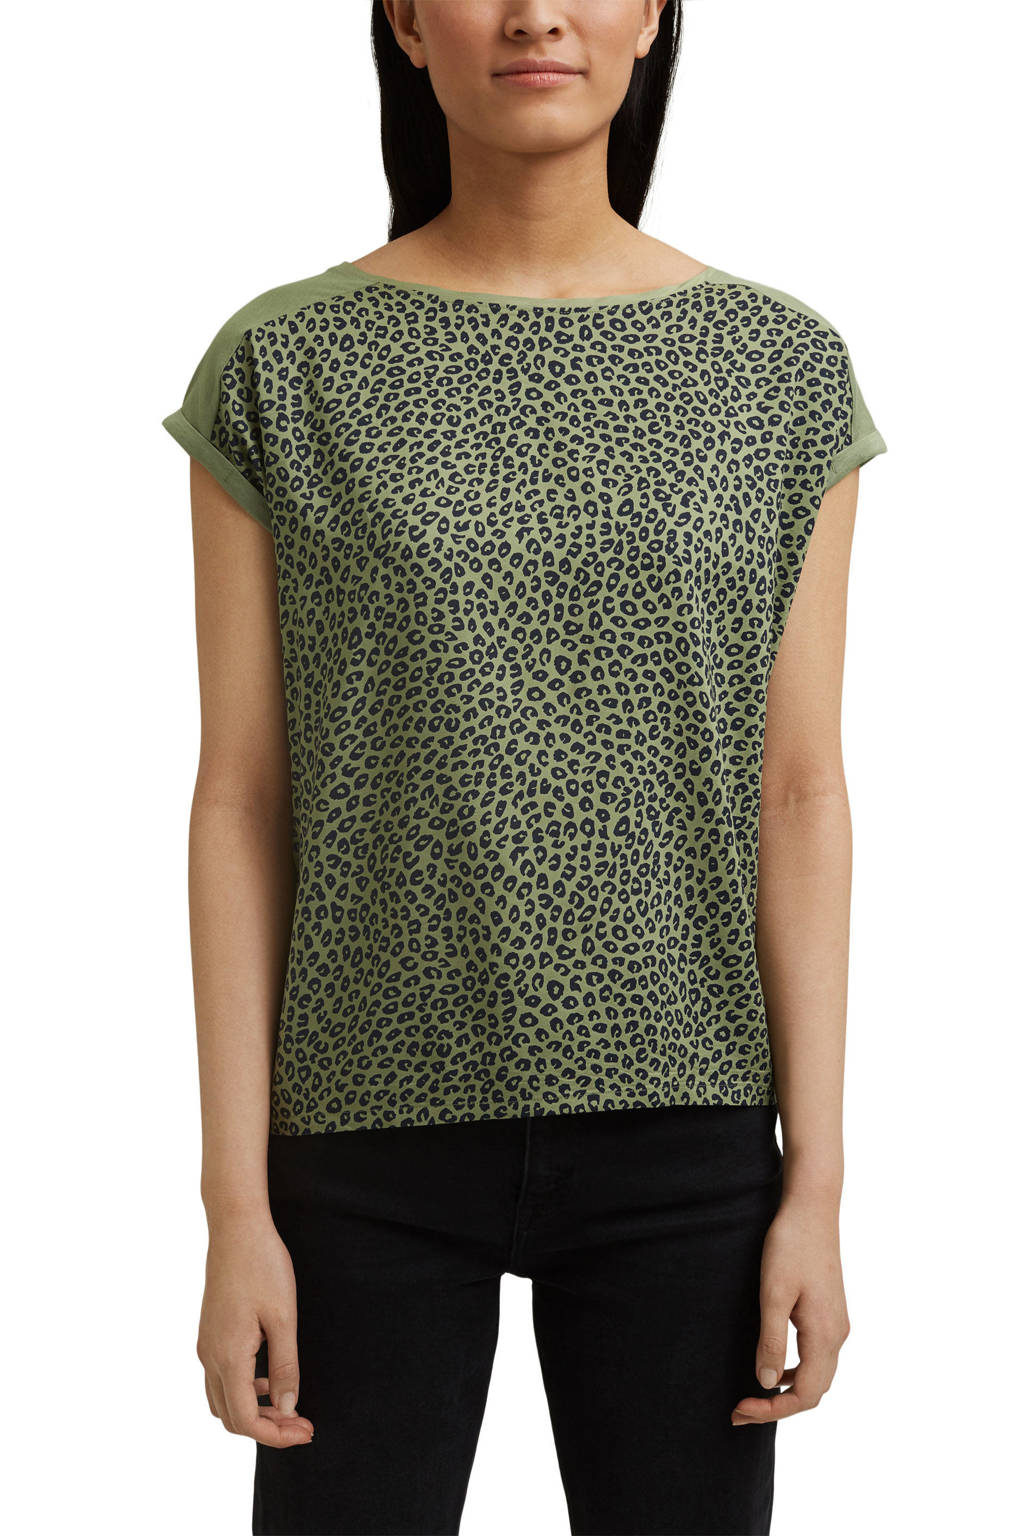 ESPRIT Women Casual T-shirt met biologisch katoen groen/zwart, Groen/zwart